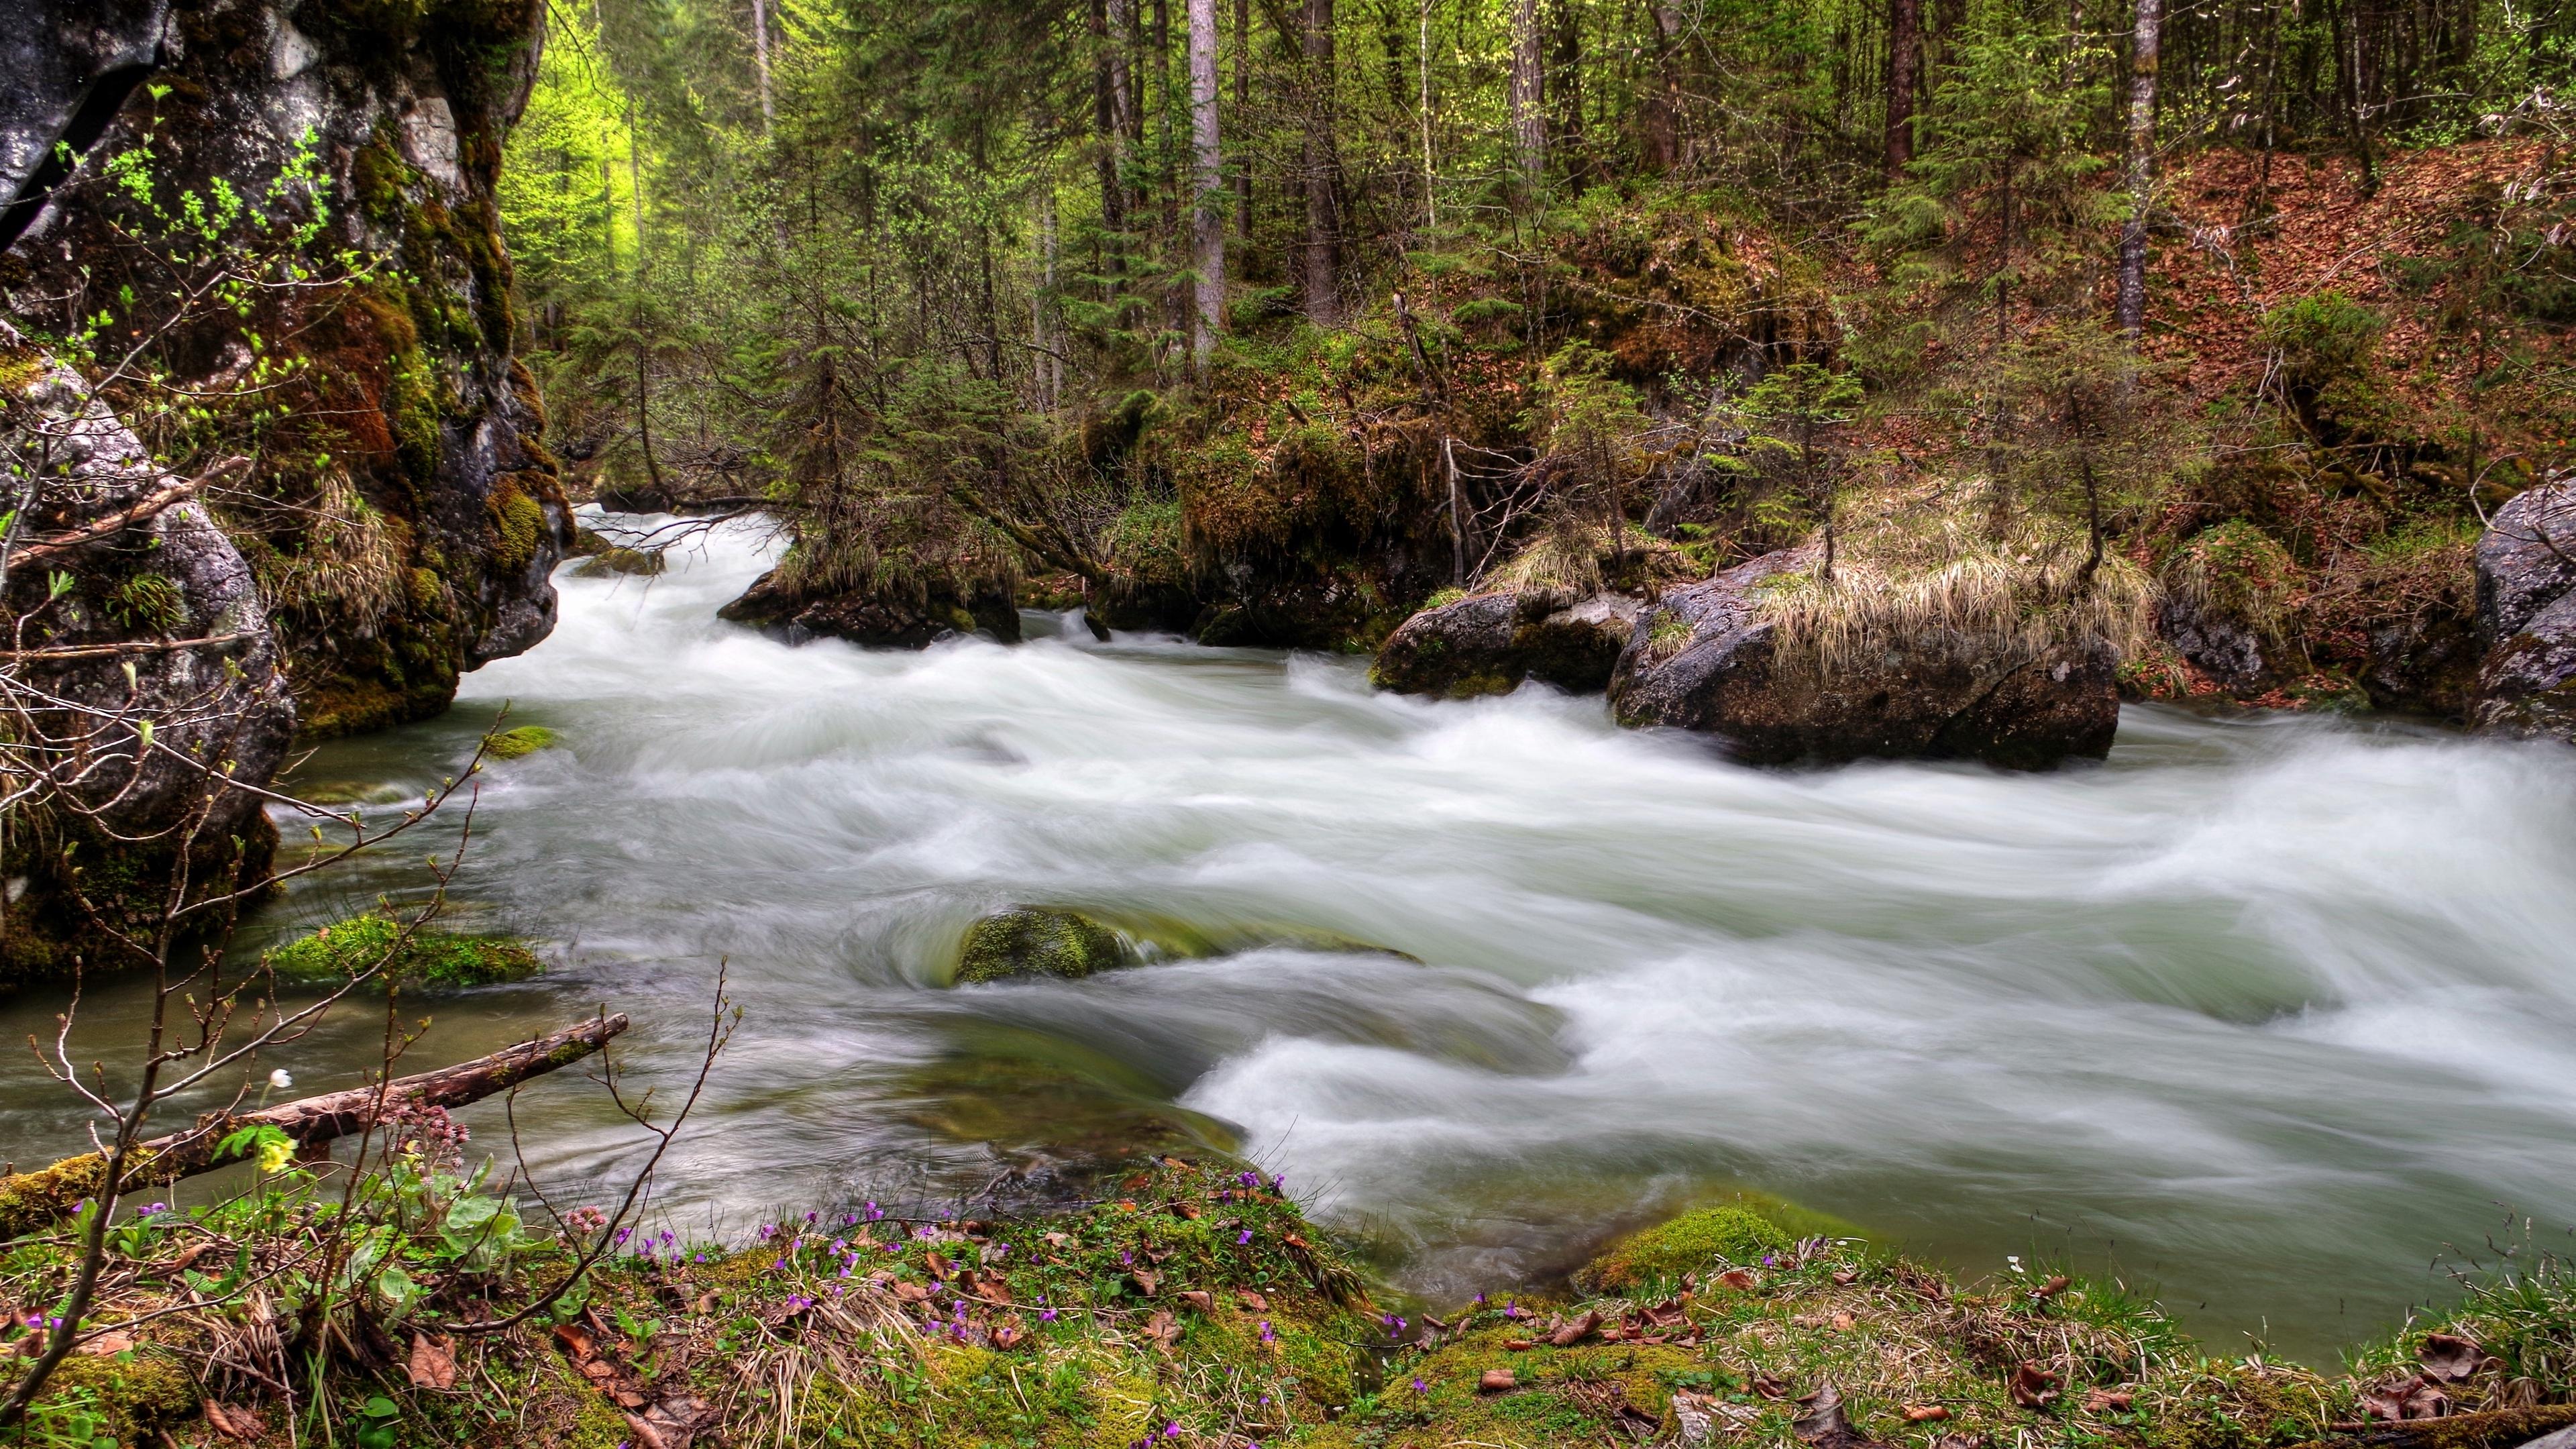 forest river flow nature 4k 1541114444 - forest, river, flow, nature 4k - River, Forest, Flow